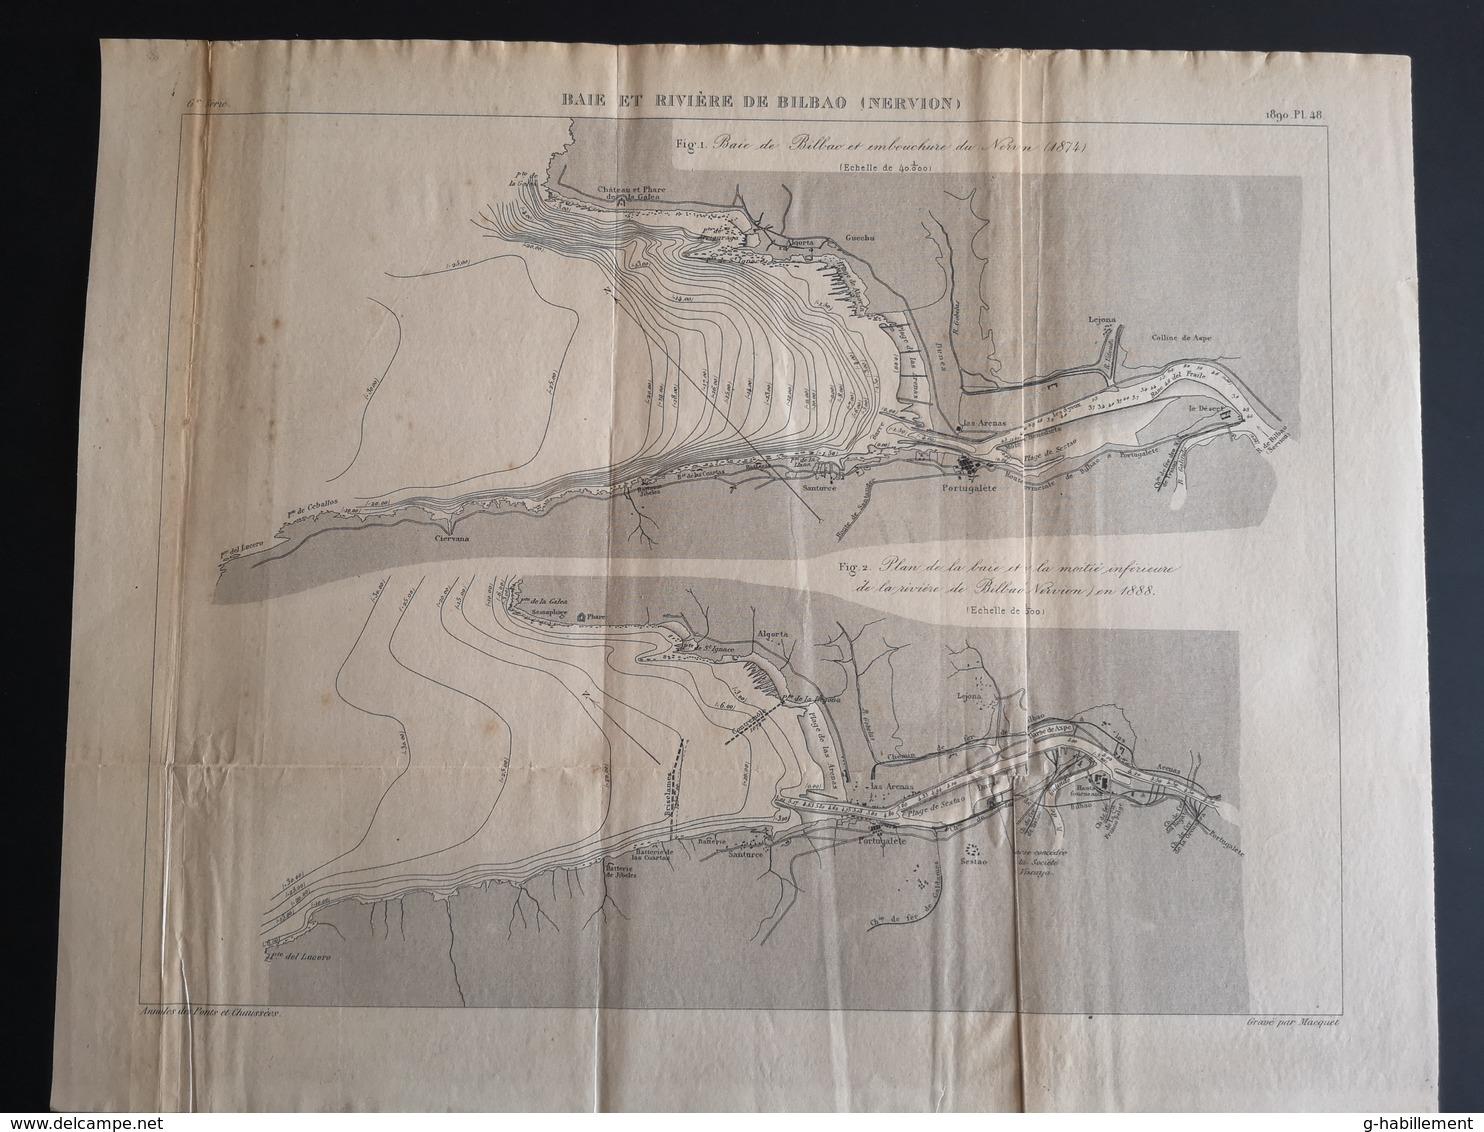 ANNALES PONTS Et CHAUSSEES (ESPAGNE) - Baie Et Rivière De Bilbao - Gravé Par Macquet 1890 (CLF66) - Travaux Publics